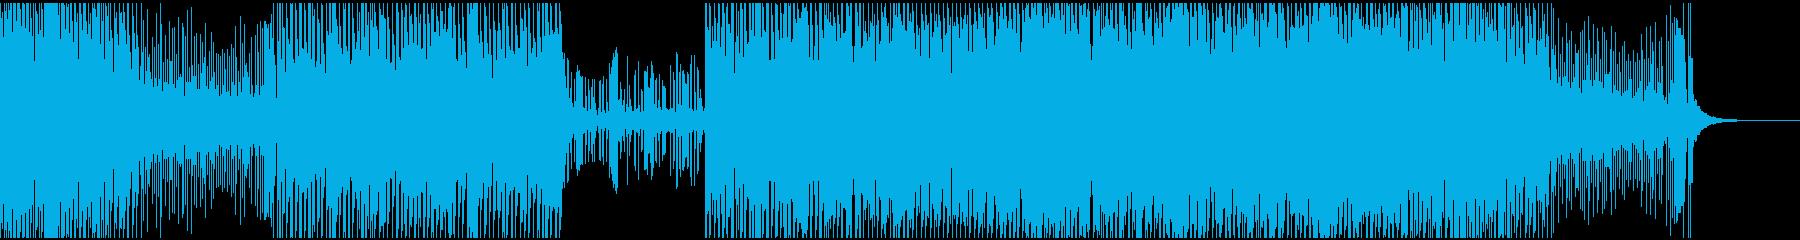 挑戦、冒険的なテクノサウンドの再生済みの波形